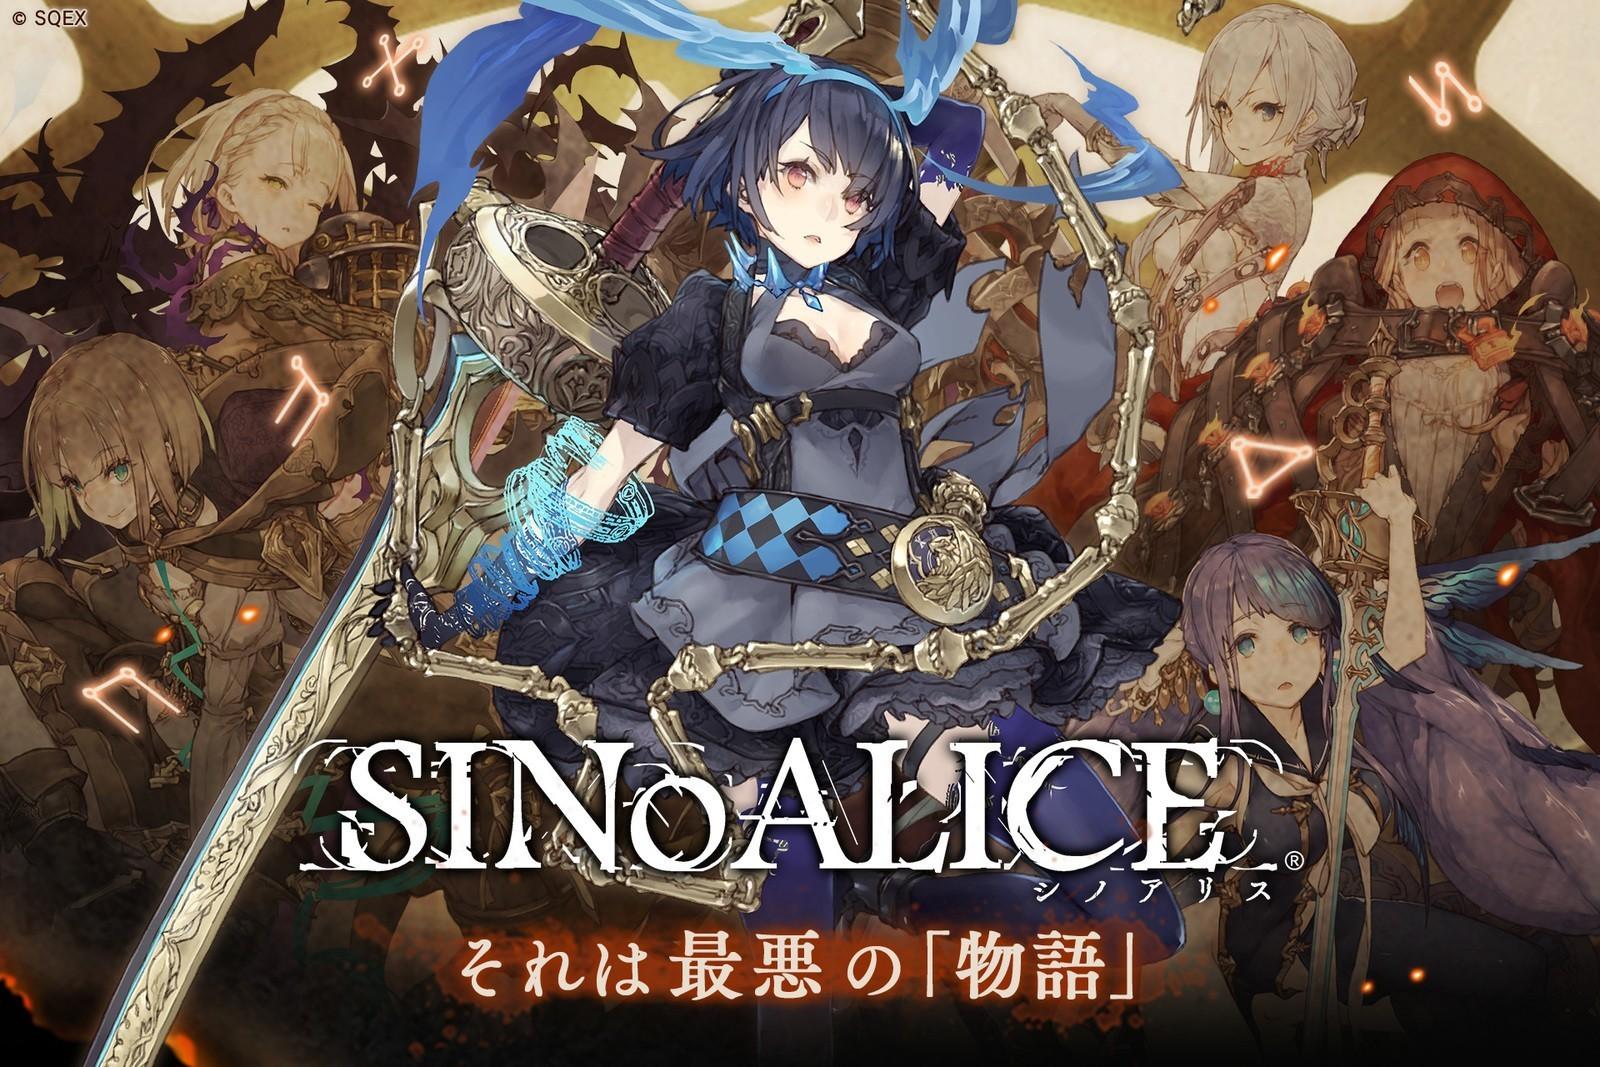 世界中のユーザー様に安定した遊びを届ける。『SINoALICE -シノアリス-』『シンフォギアXD』など全プロダクトで使われる共通基盤をより良くする基盤開発エンジニア募集